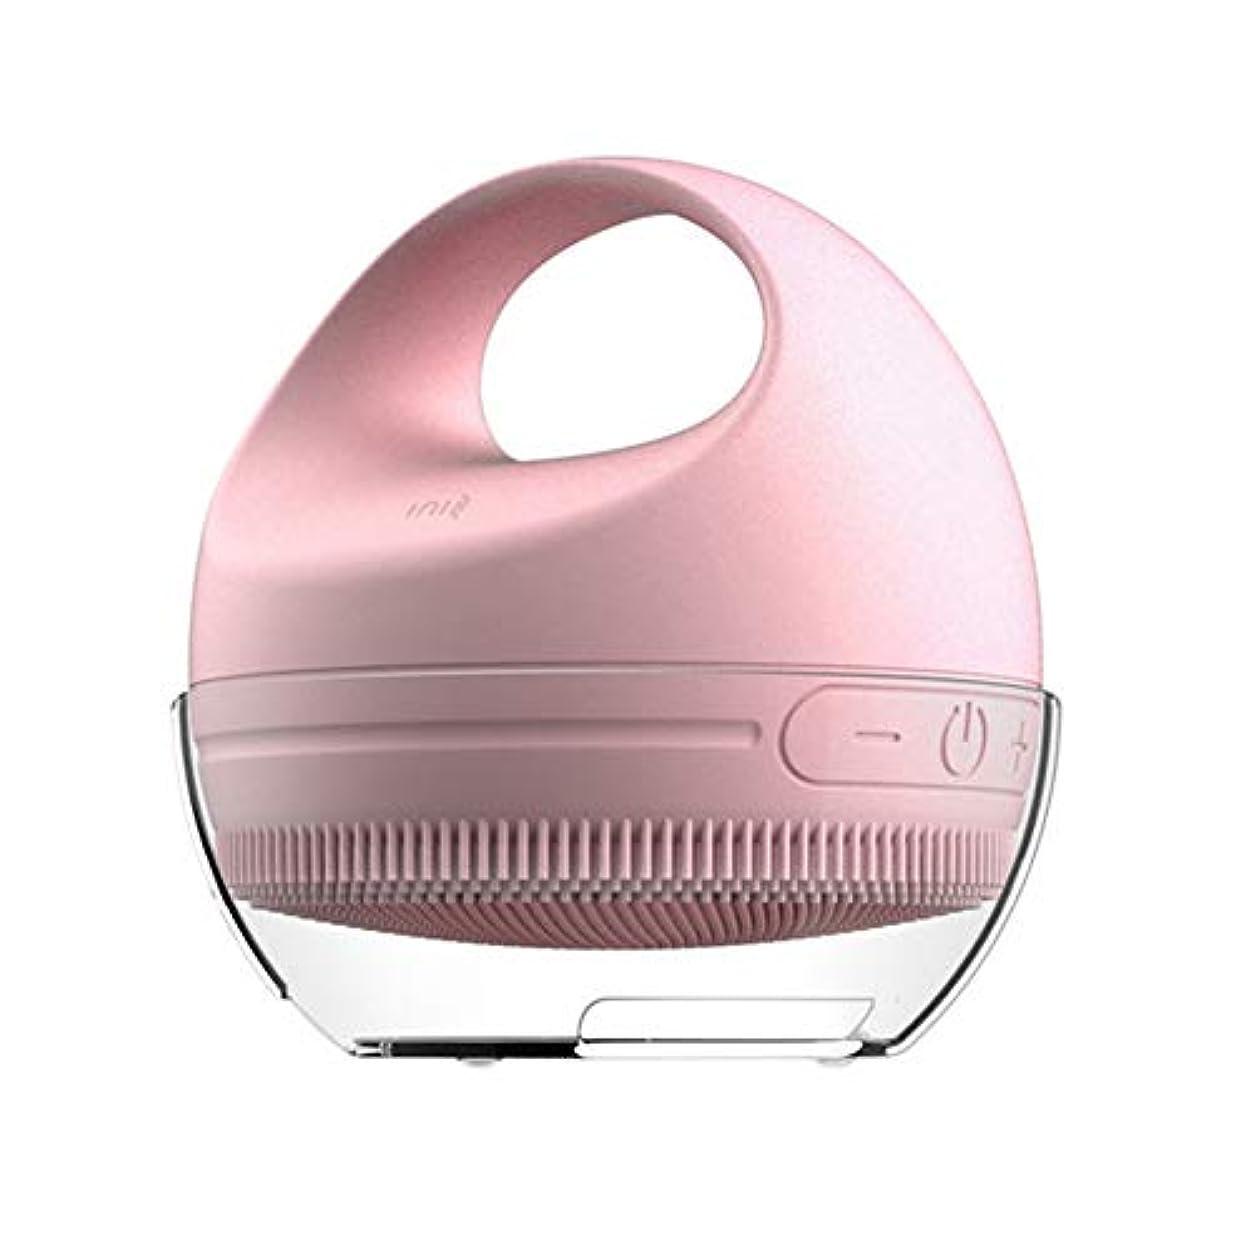 オートマトン売上高申し込む電気暖かい/振動シリコーンフェイスクレンザーとマッサージブラシをアップグレードしてください自己乾燥技術を使って、滑り止めのハンドル、インテリジェントなタイミング、防水IPX6、1200 mAhバッテリ,Pink